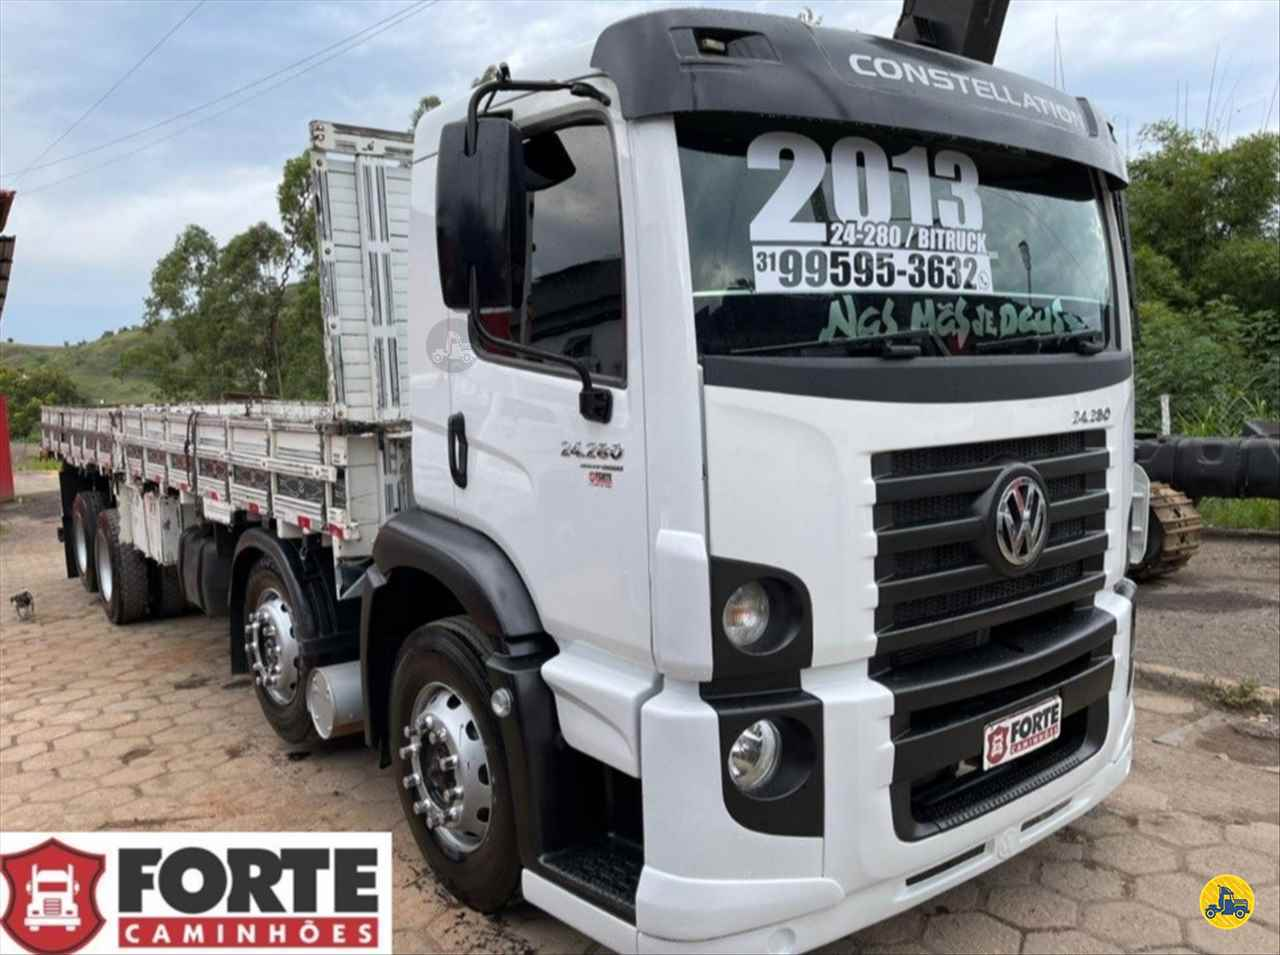 CAMINHAO VOLKSWAGEN VW 24280 Carga Seca Truck 6x2 Forte Caminhões MG JOAO MONLEVADE MINAS GERAIS MG